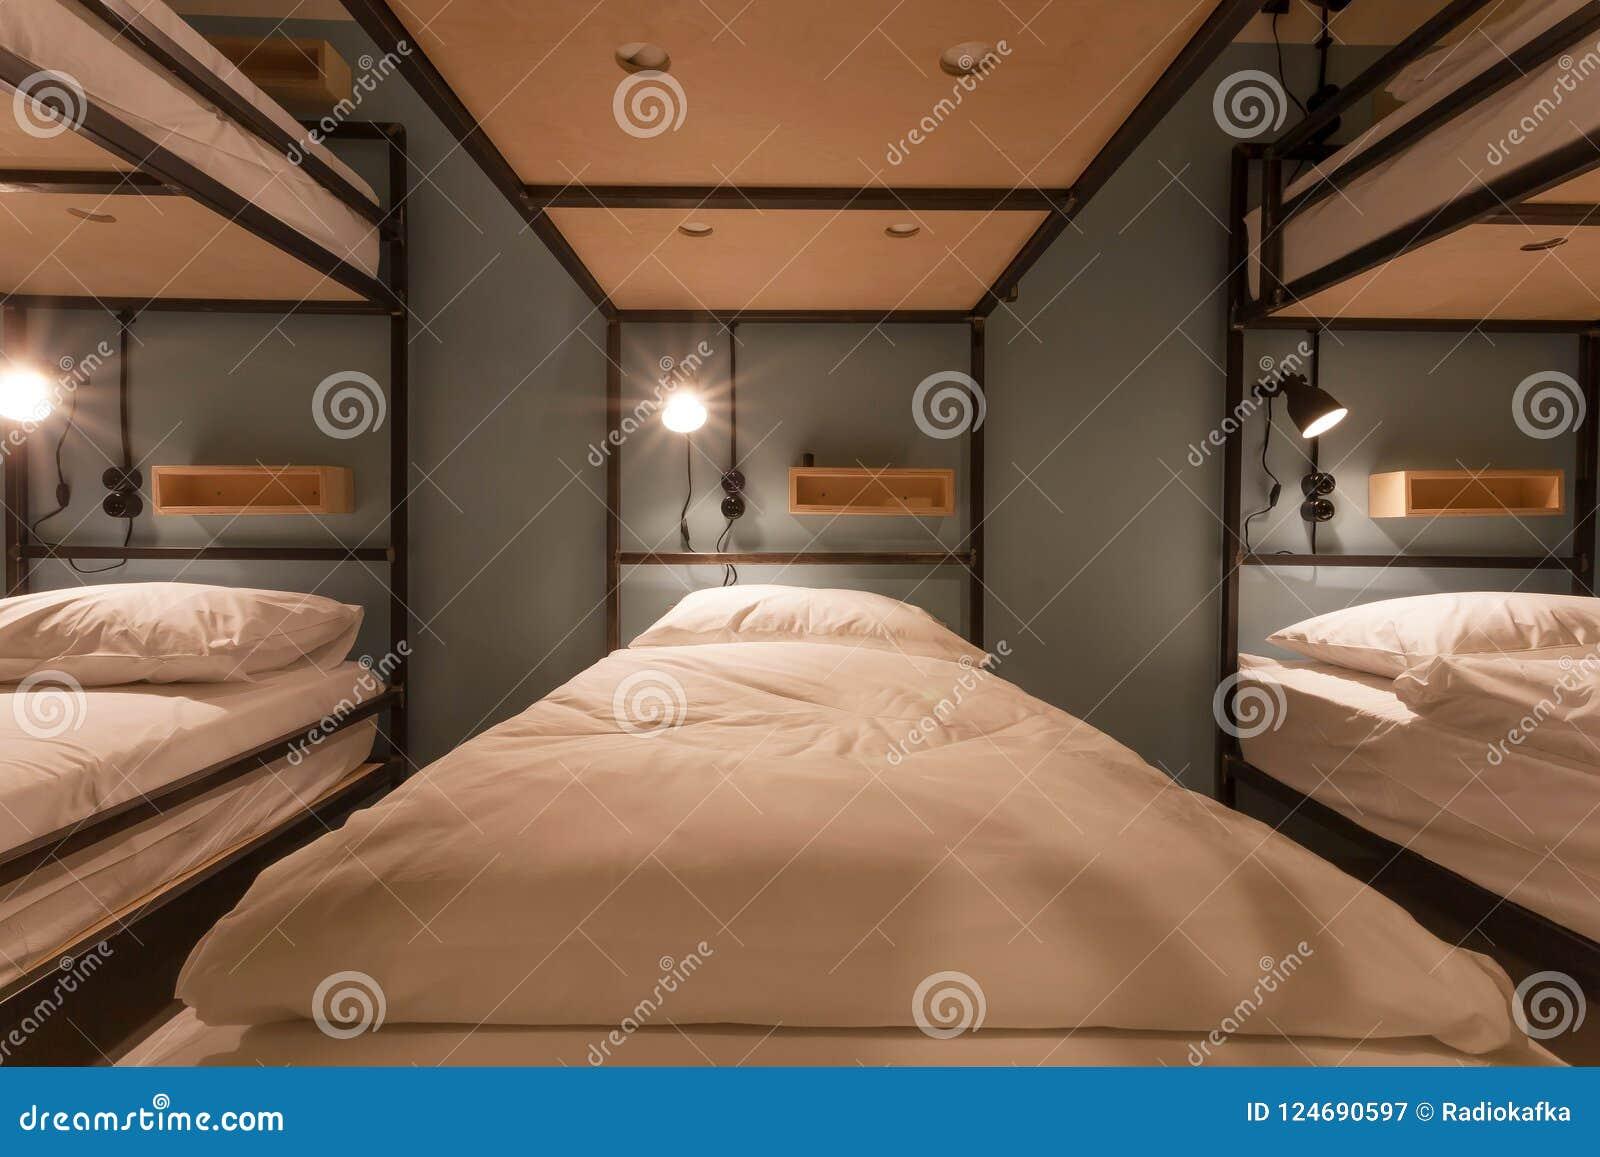 Πολλά κρεβάτια κουκετών μέσα σε ένα δωμάτιο dorm του τουριστικού ξενώνα με τα καθαρά κρεβάτια